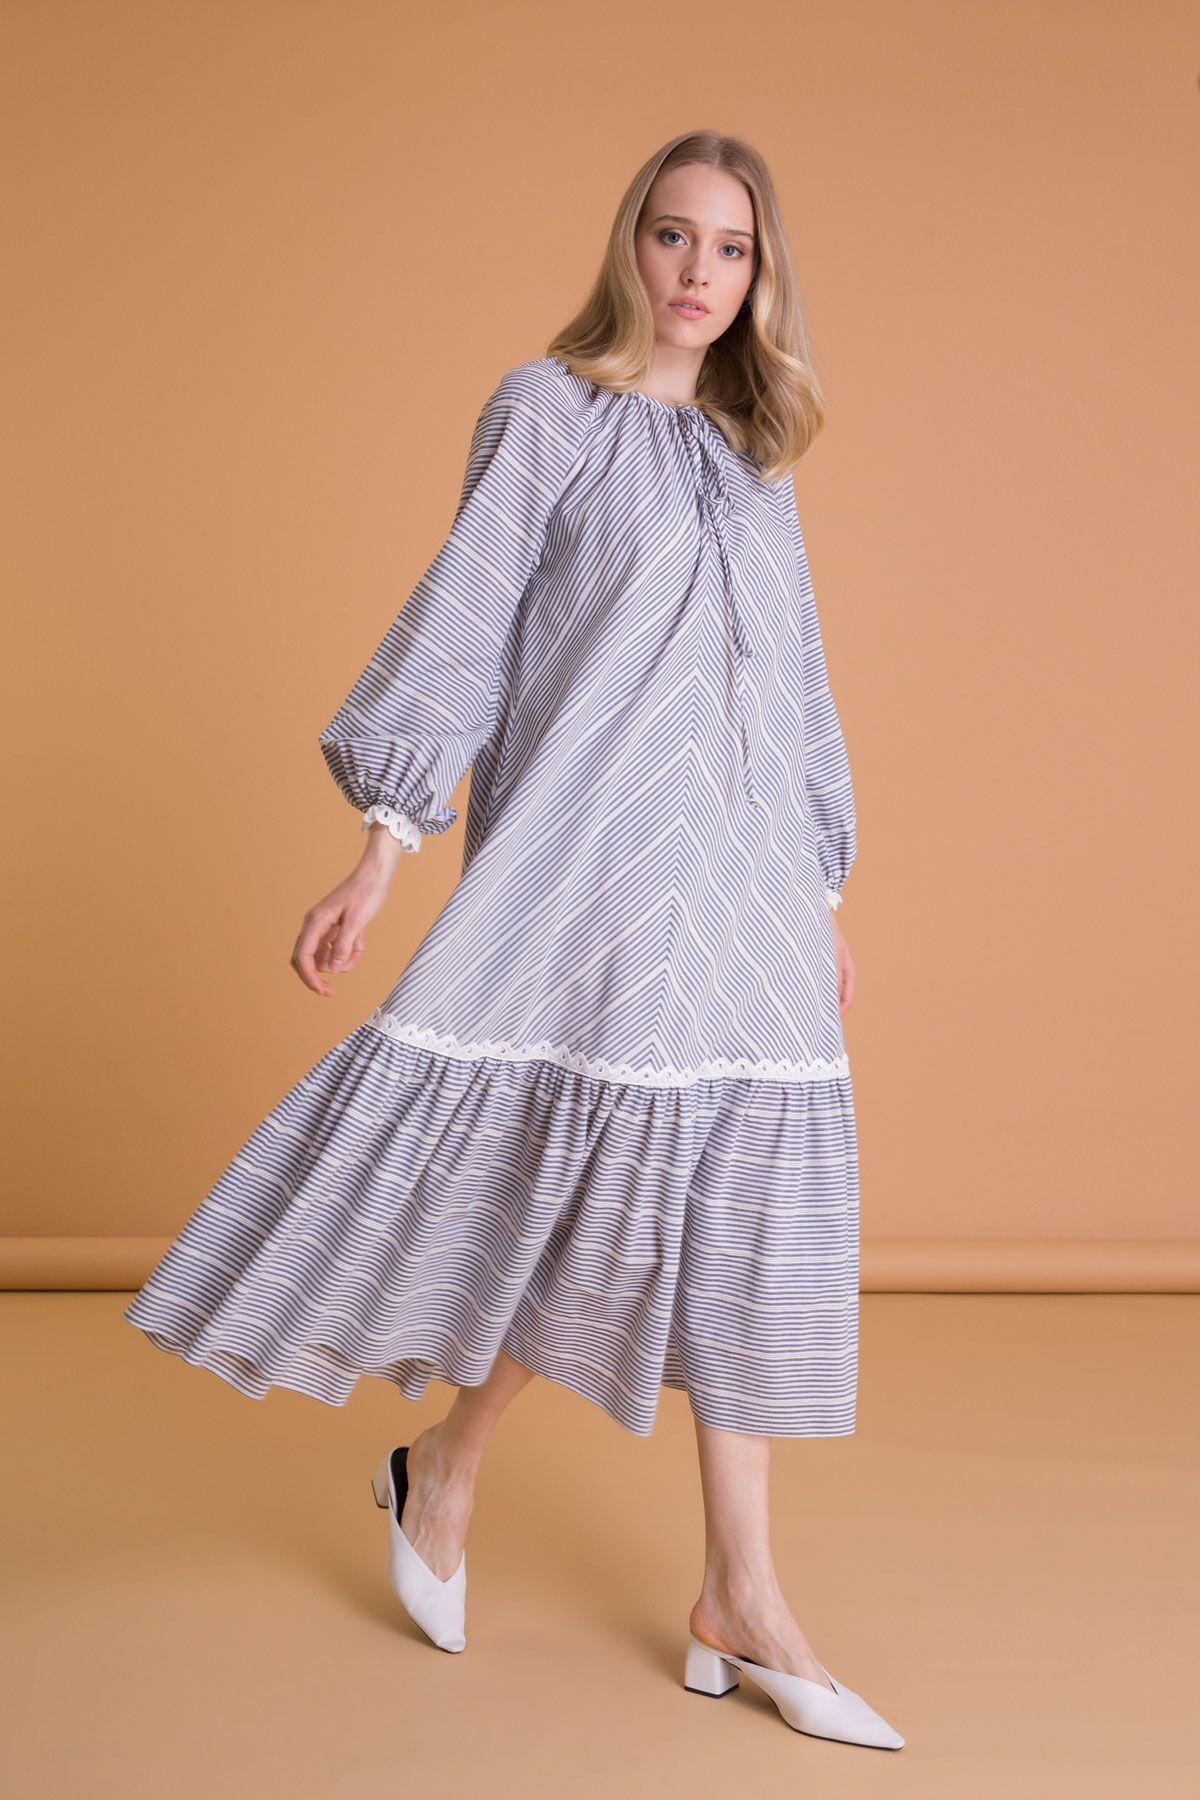 Dantel Detaylı Çizgi Desenli Uzun Elbise